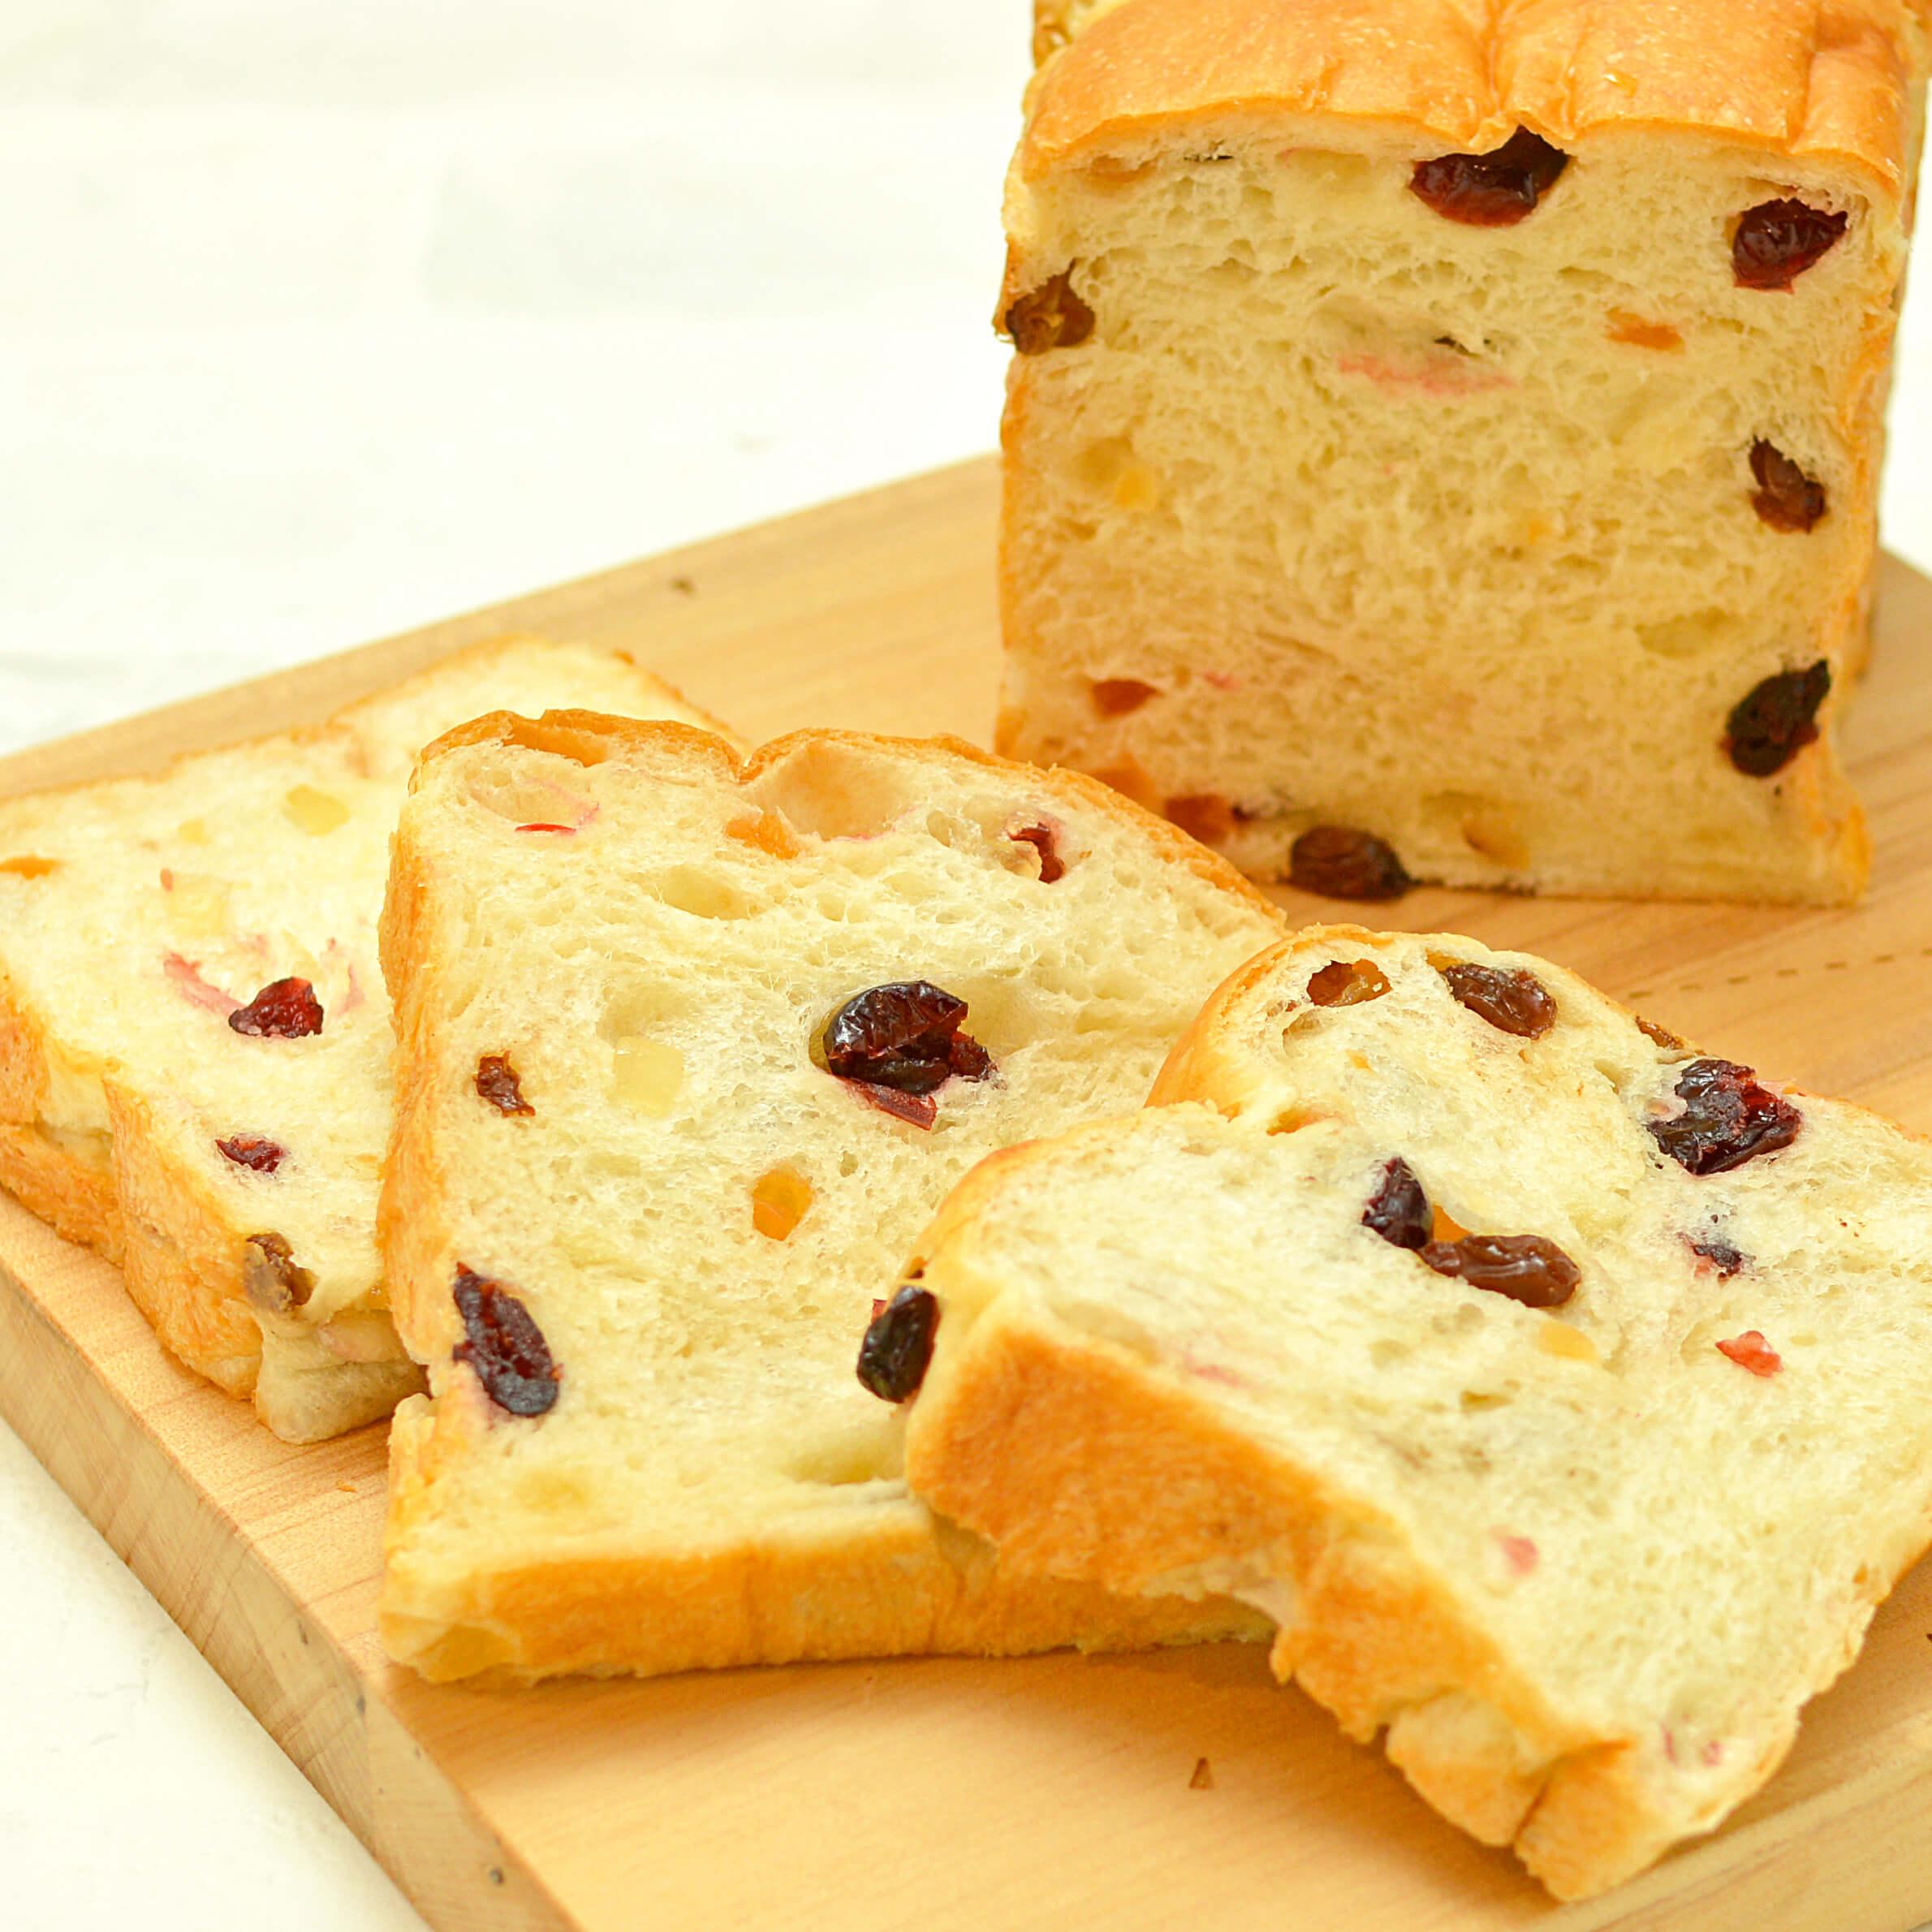 ミックスフルーツが入ったミミまで柔らか食パン